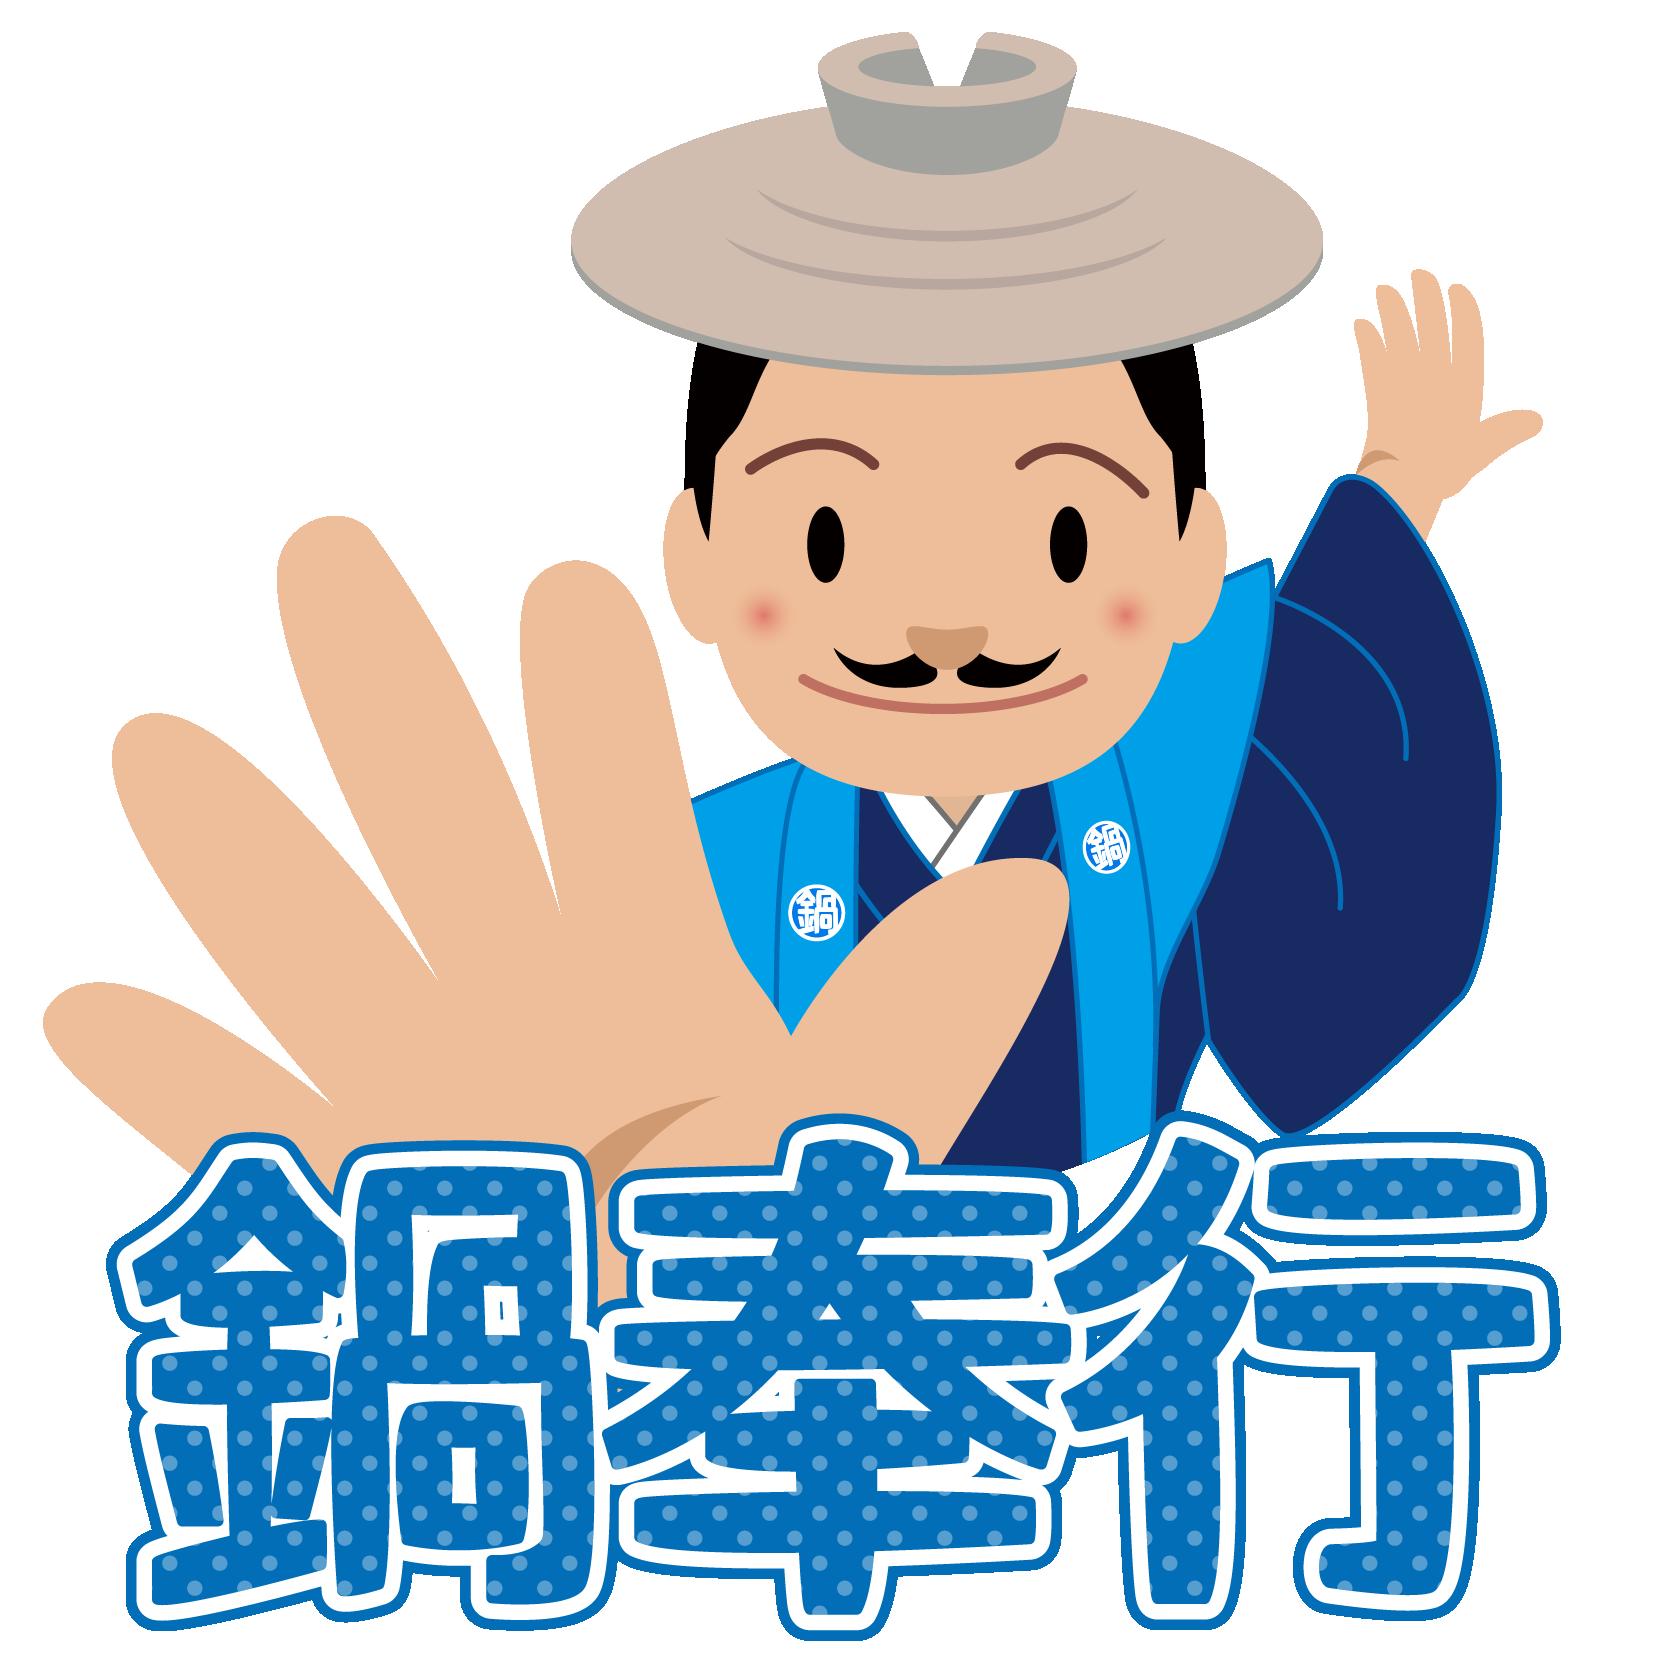 商用フリー・無料イラスト_鍋奉行_07